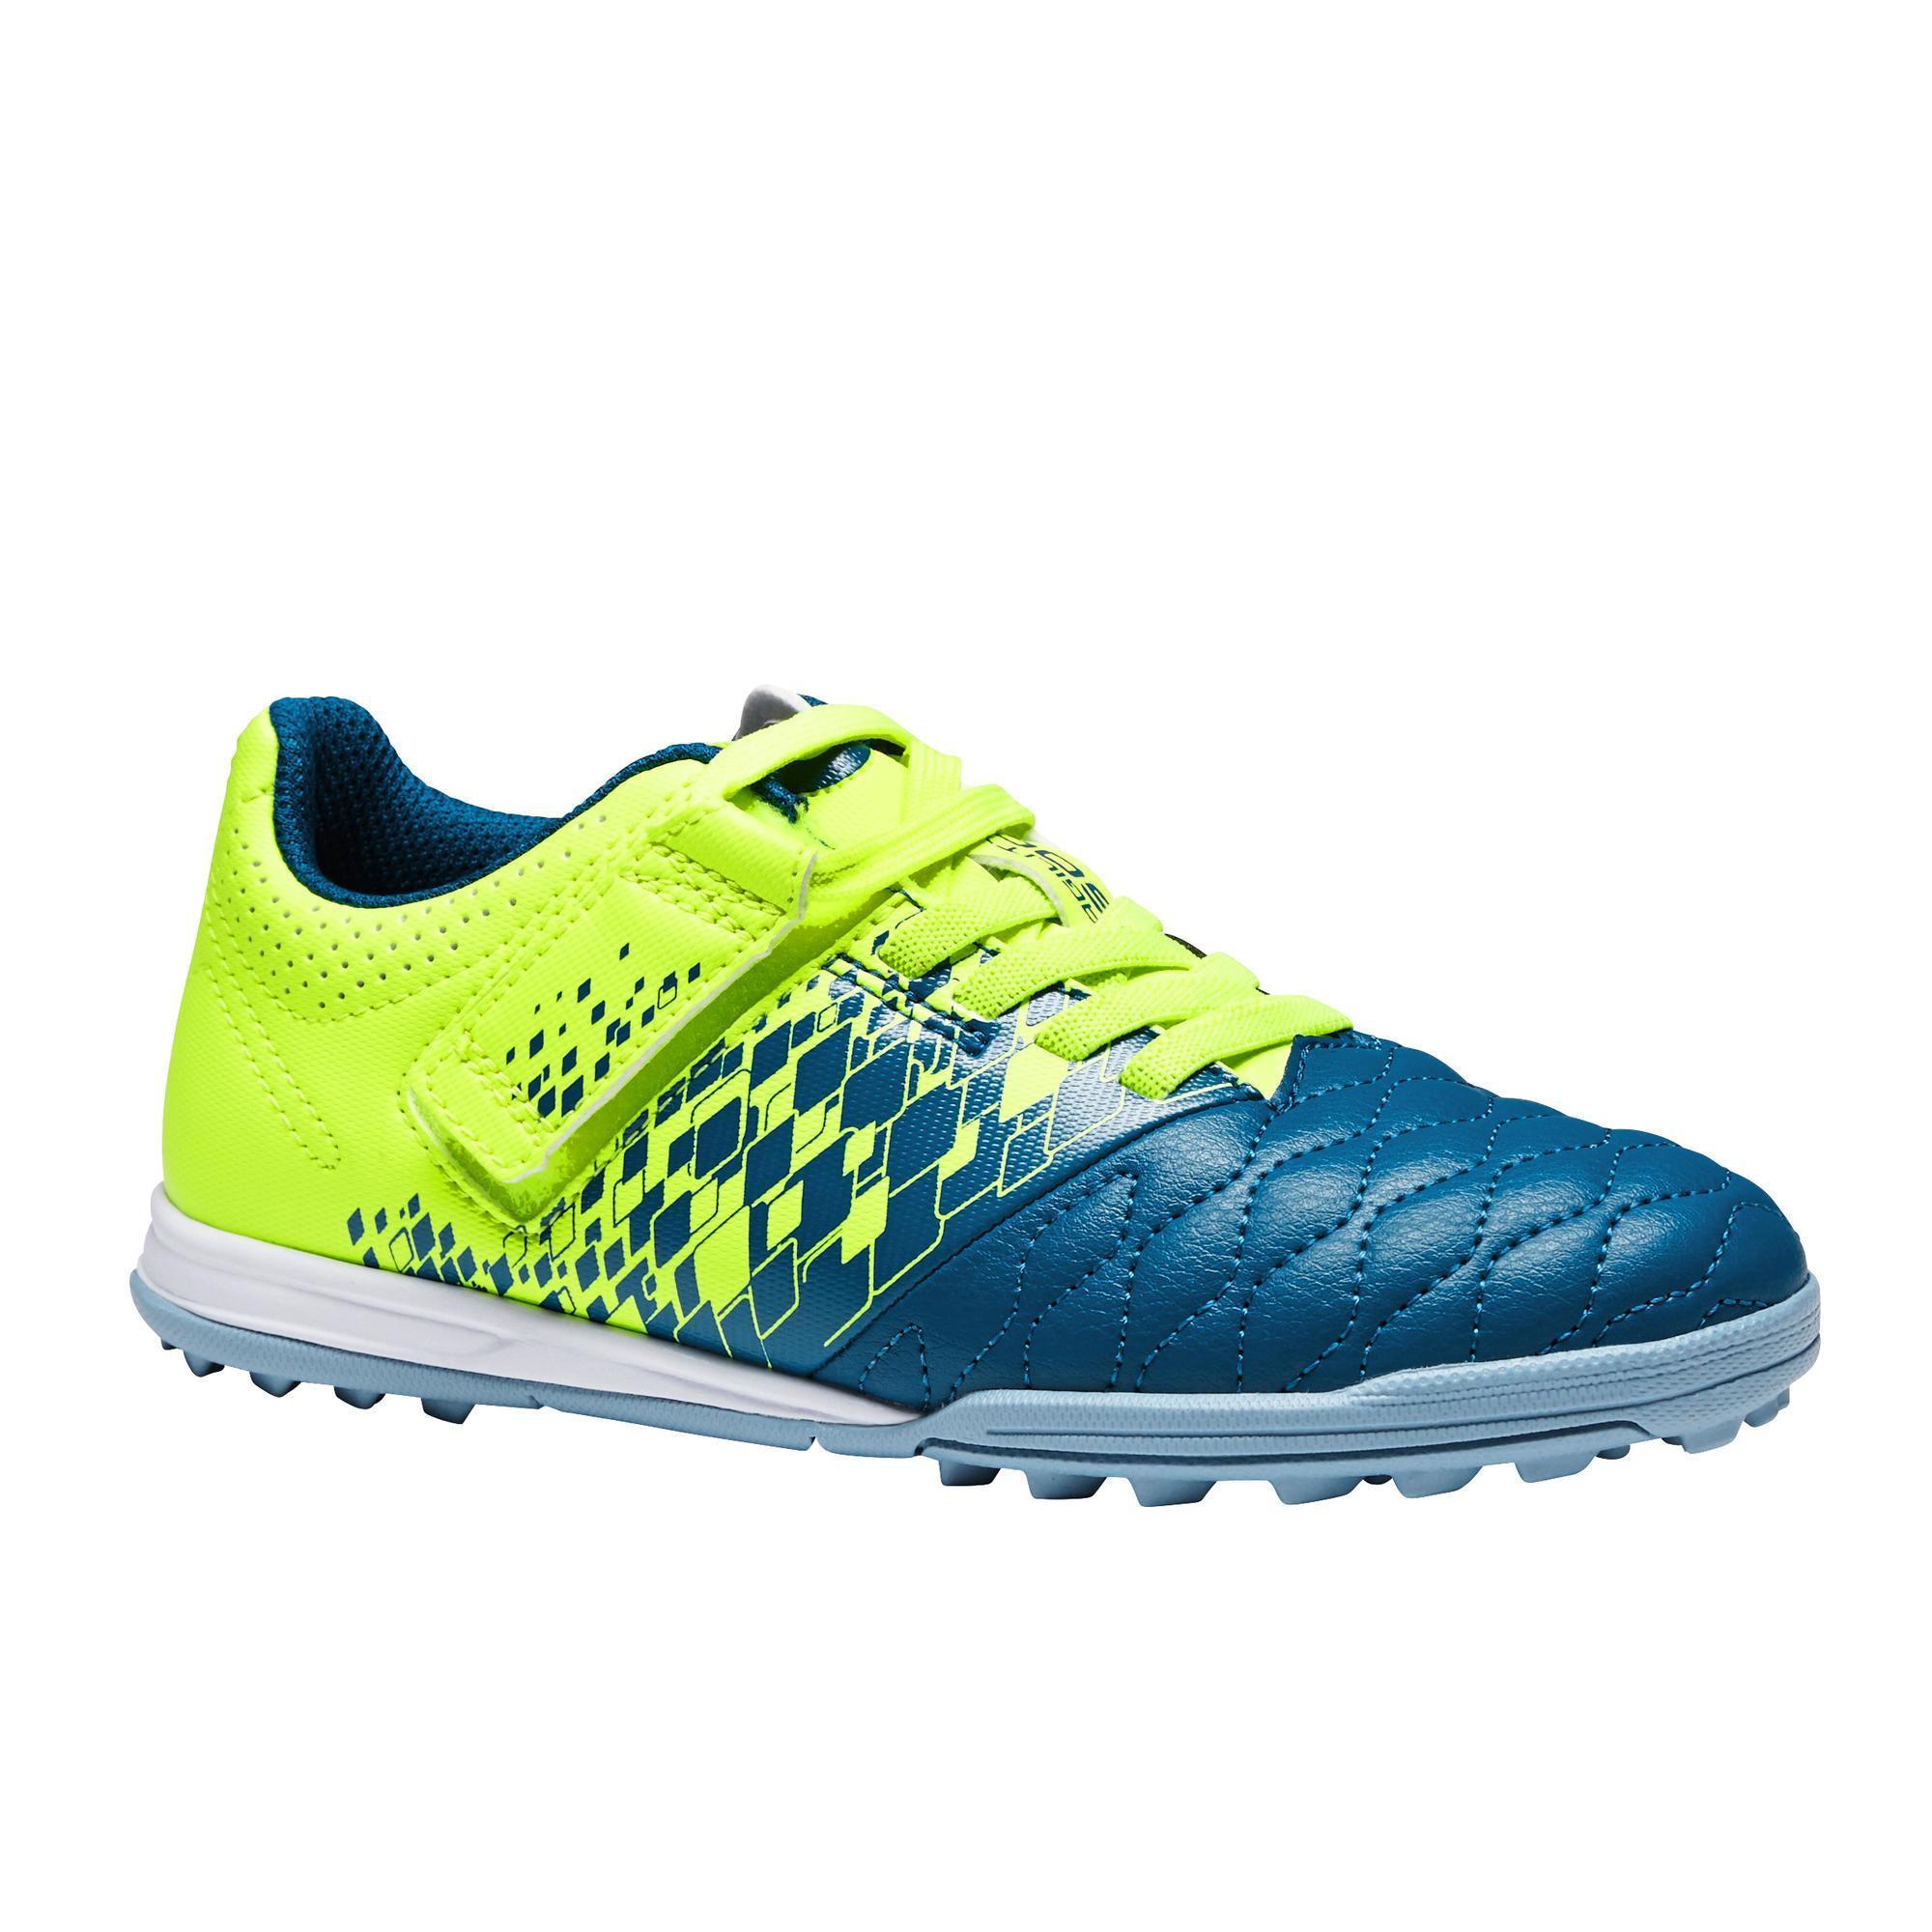 70f221eefc5a5 Comprar Botas de Fútbol niños online